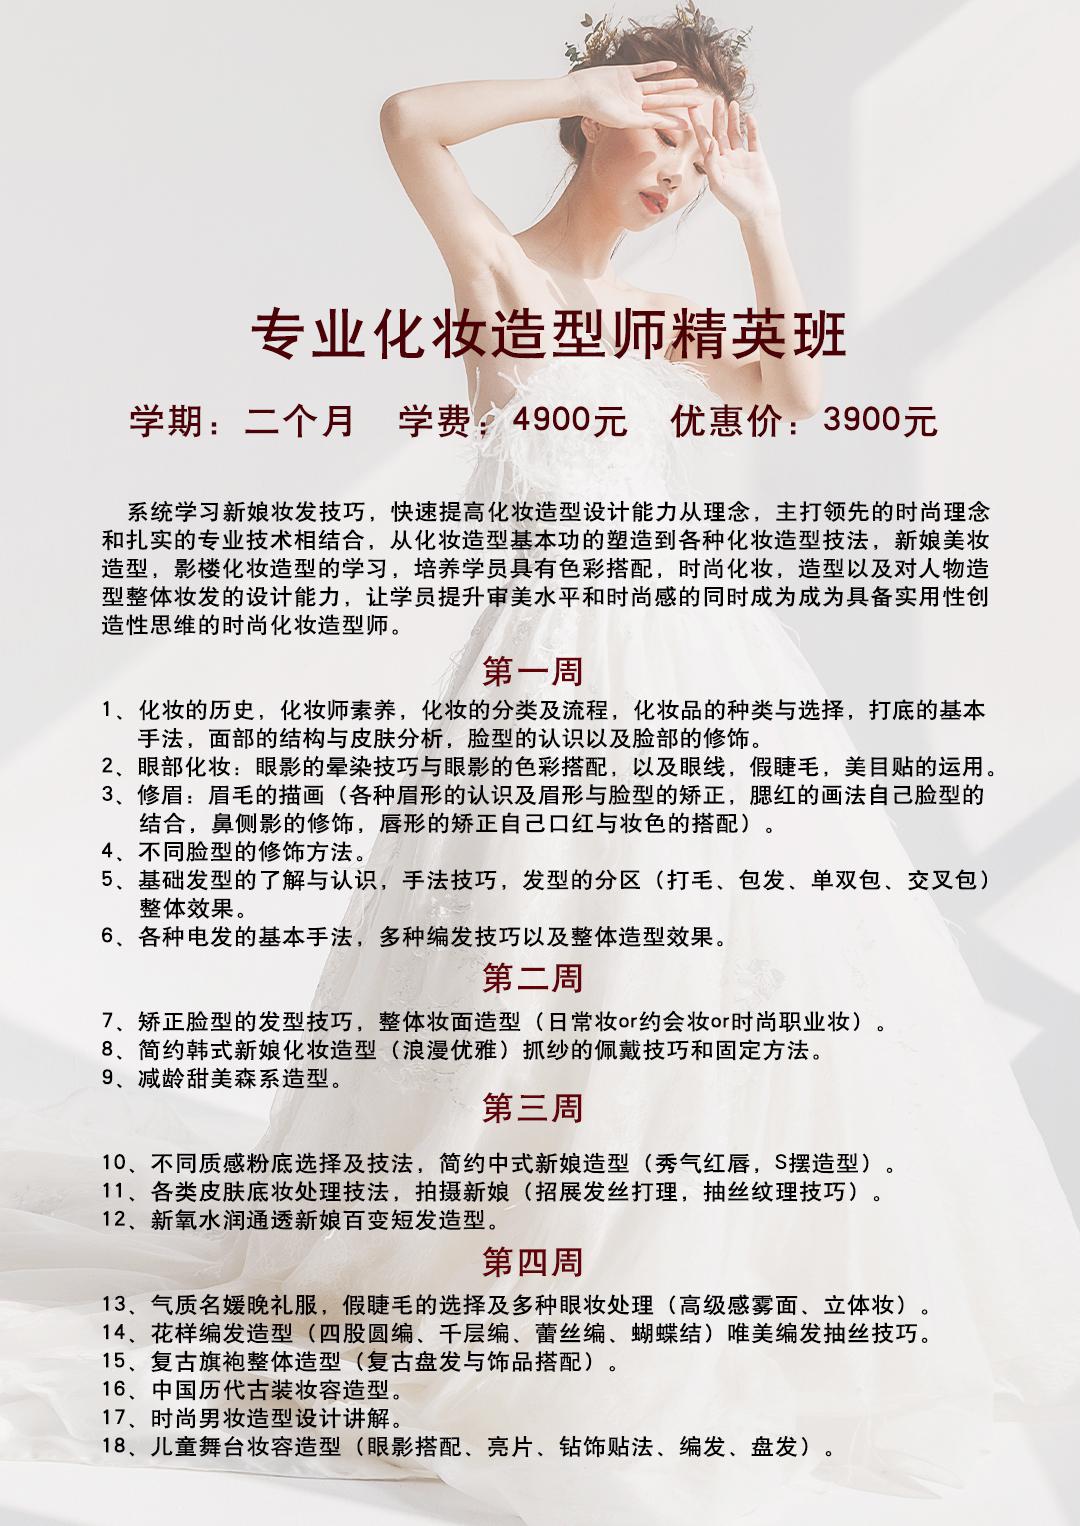 湛江化妆培训学校